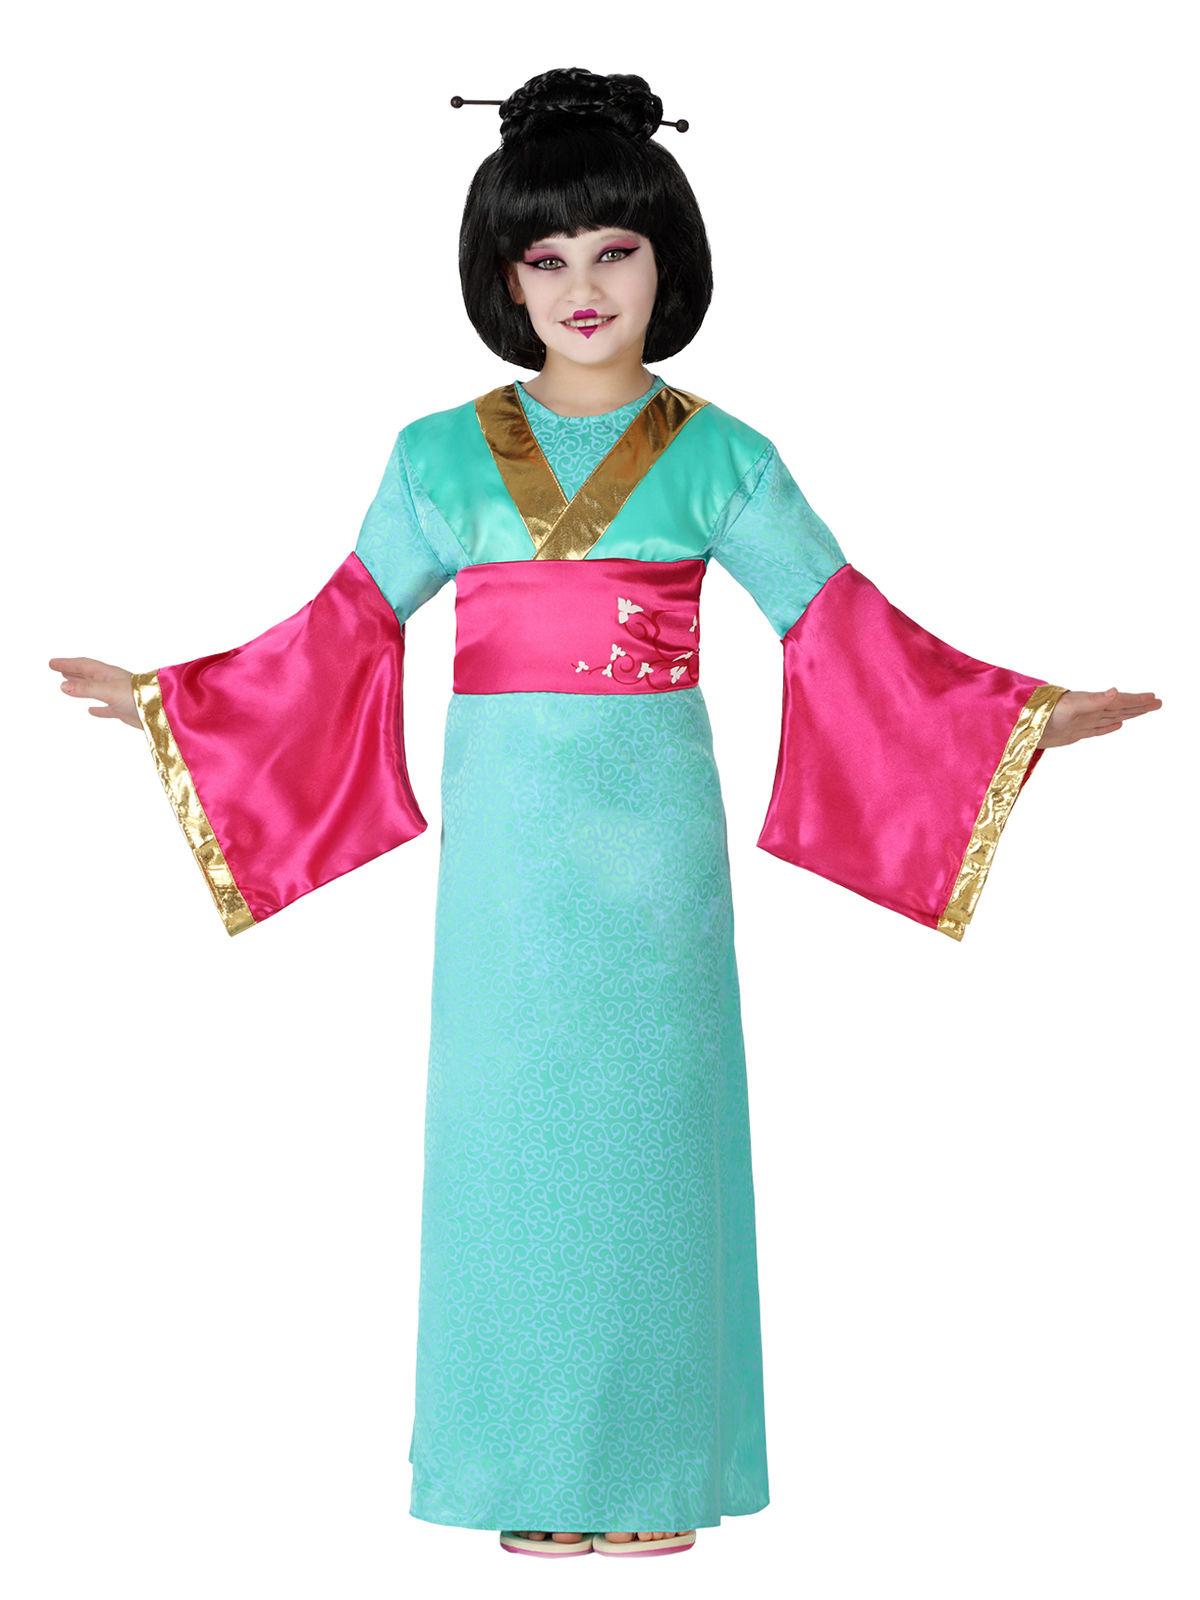 Geisha Kostüm Kinder : geisha kost m f r m dchen kost me f r kinder und g nstige faschingskost me vegaoo ~ Frokenaadalensverden.com Haus und Dekorationen